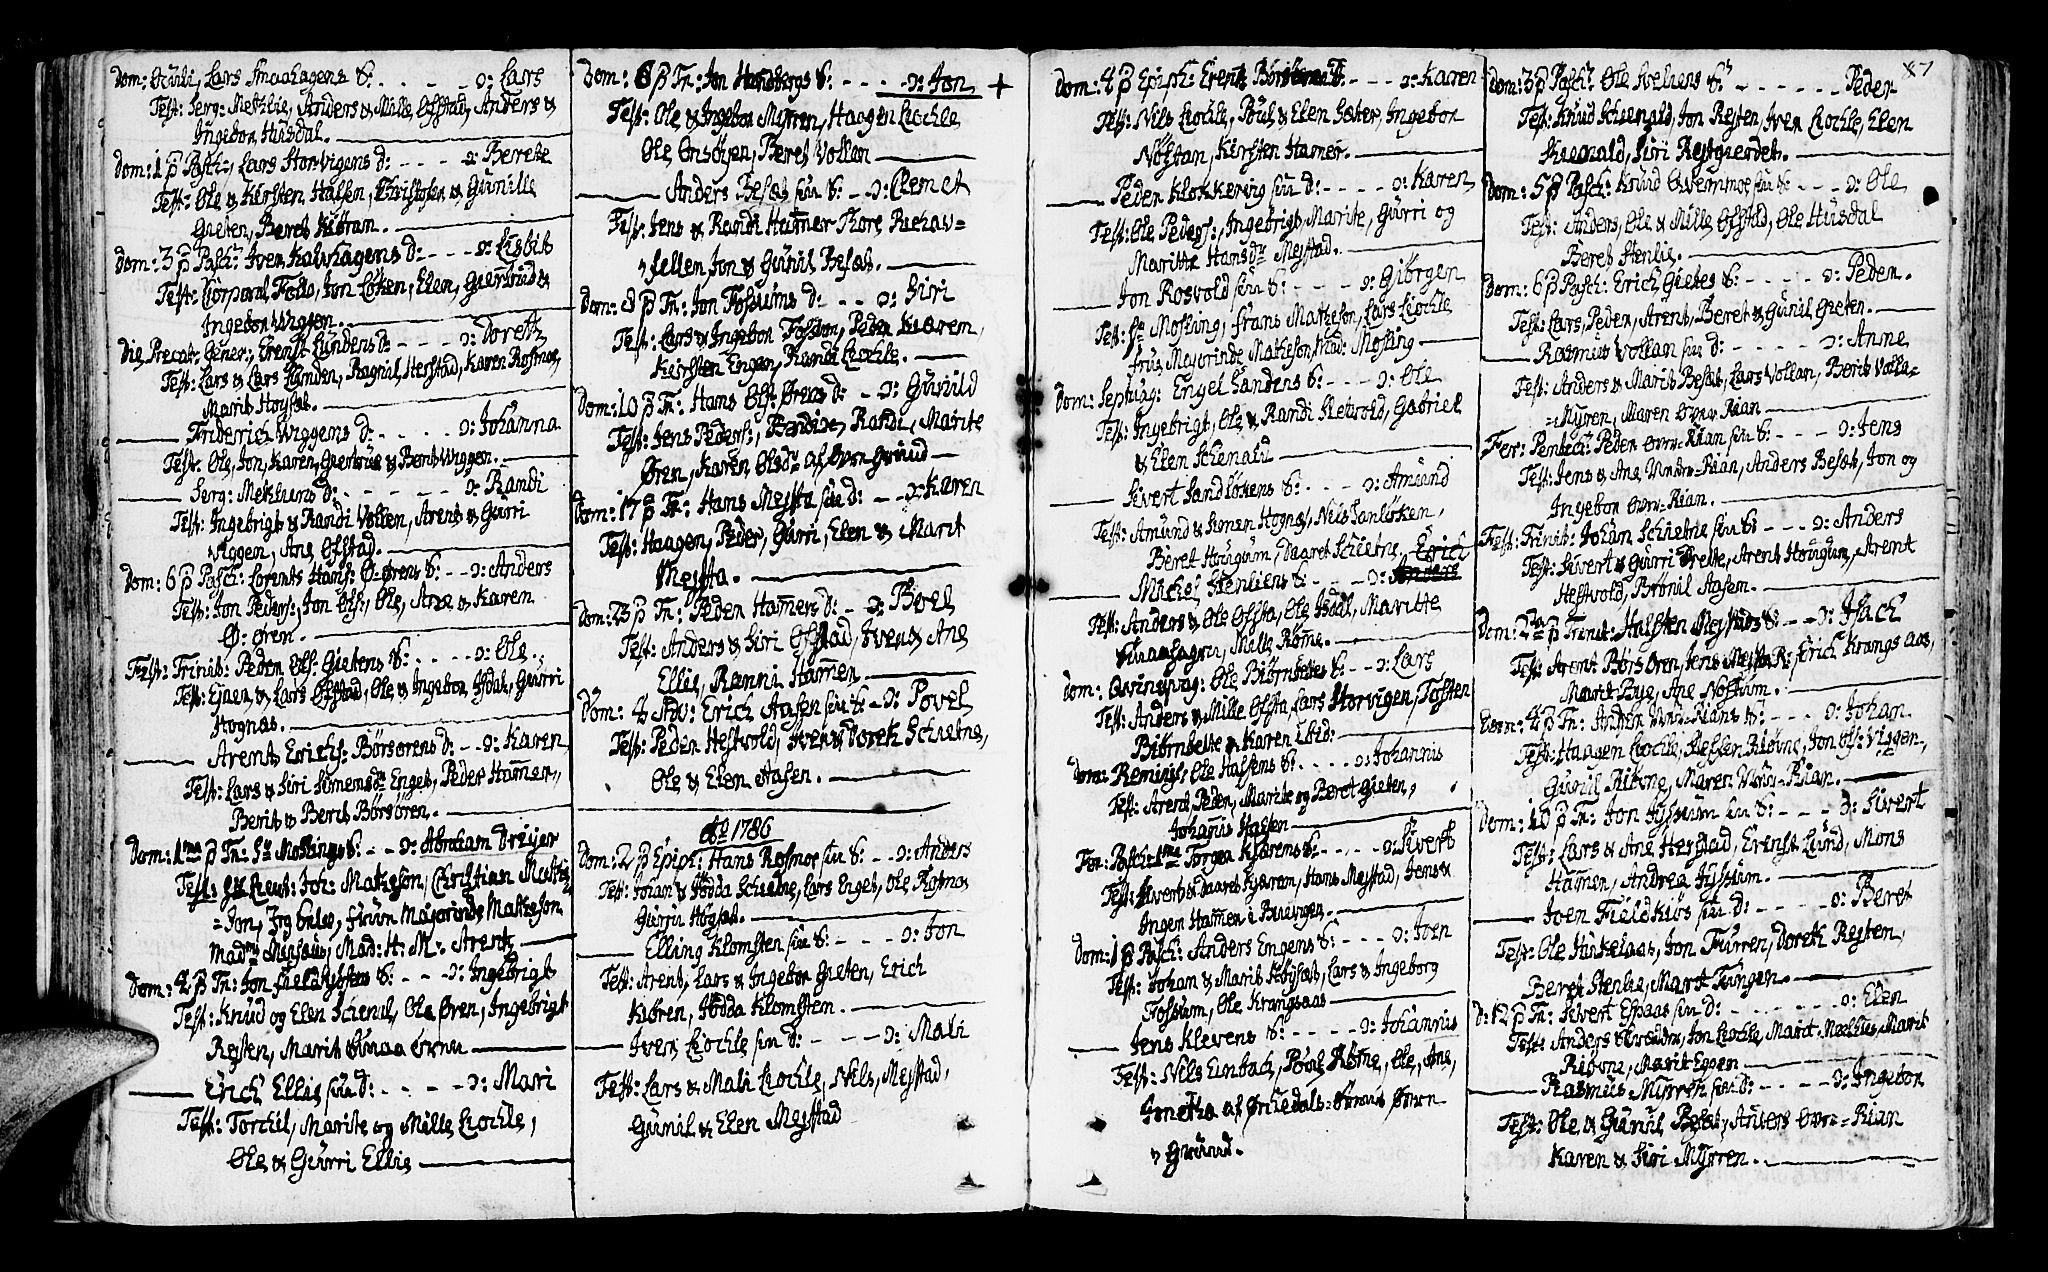 SAT, Ministerialprotokoller, klokkerbøker og fødselsregistre - Sør-Trøndelag, 665/L0768: Ministerialbok nr. 665A03, 1754-1803, s. 87